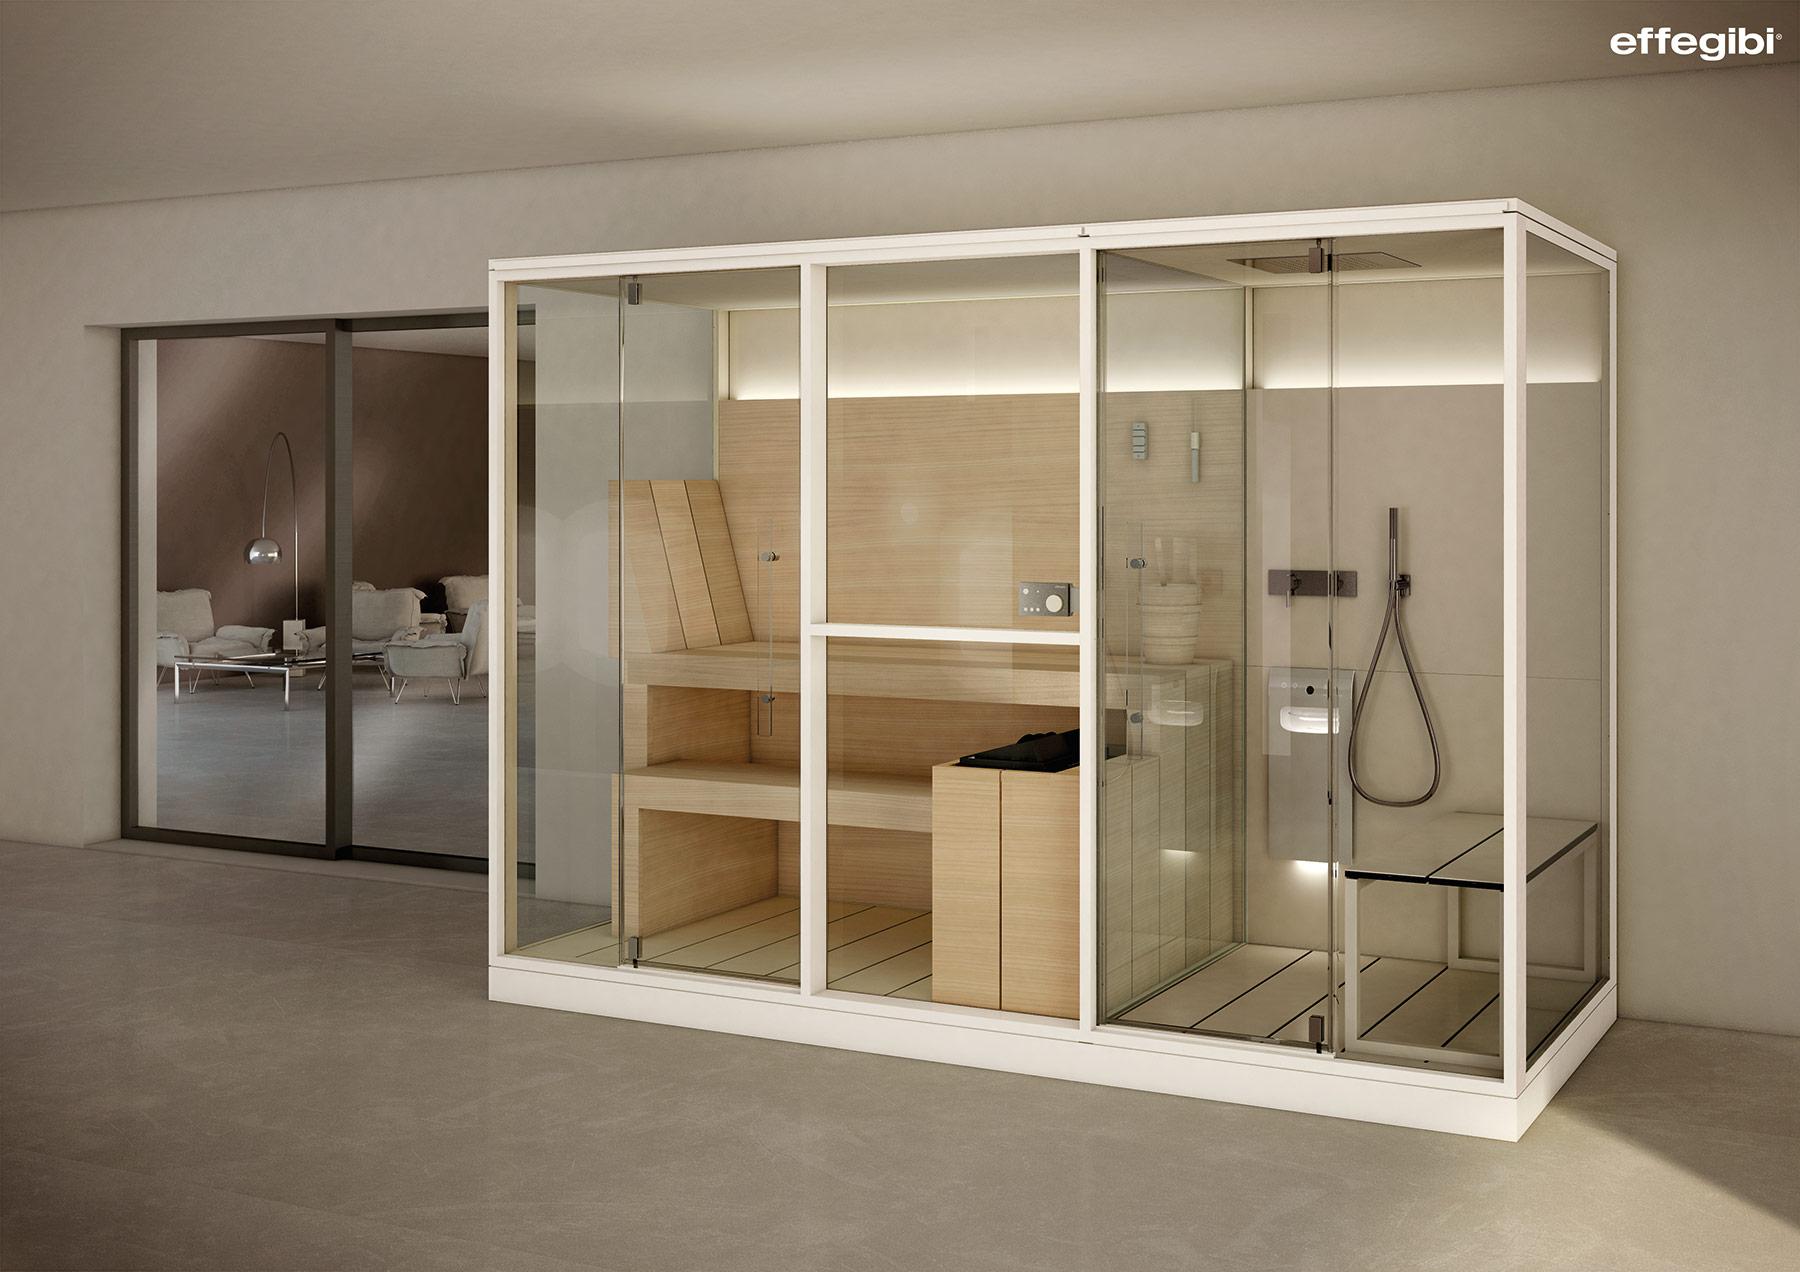 Contemporary Logica Twin Mid Floor Mount Sauna Shower Room